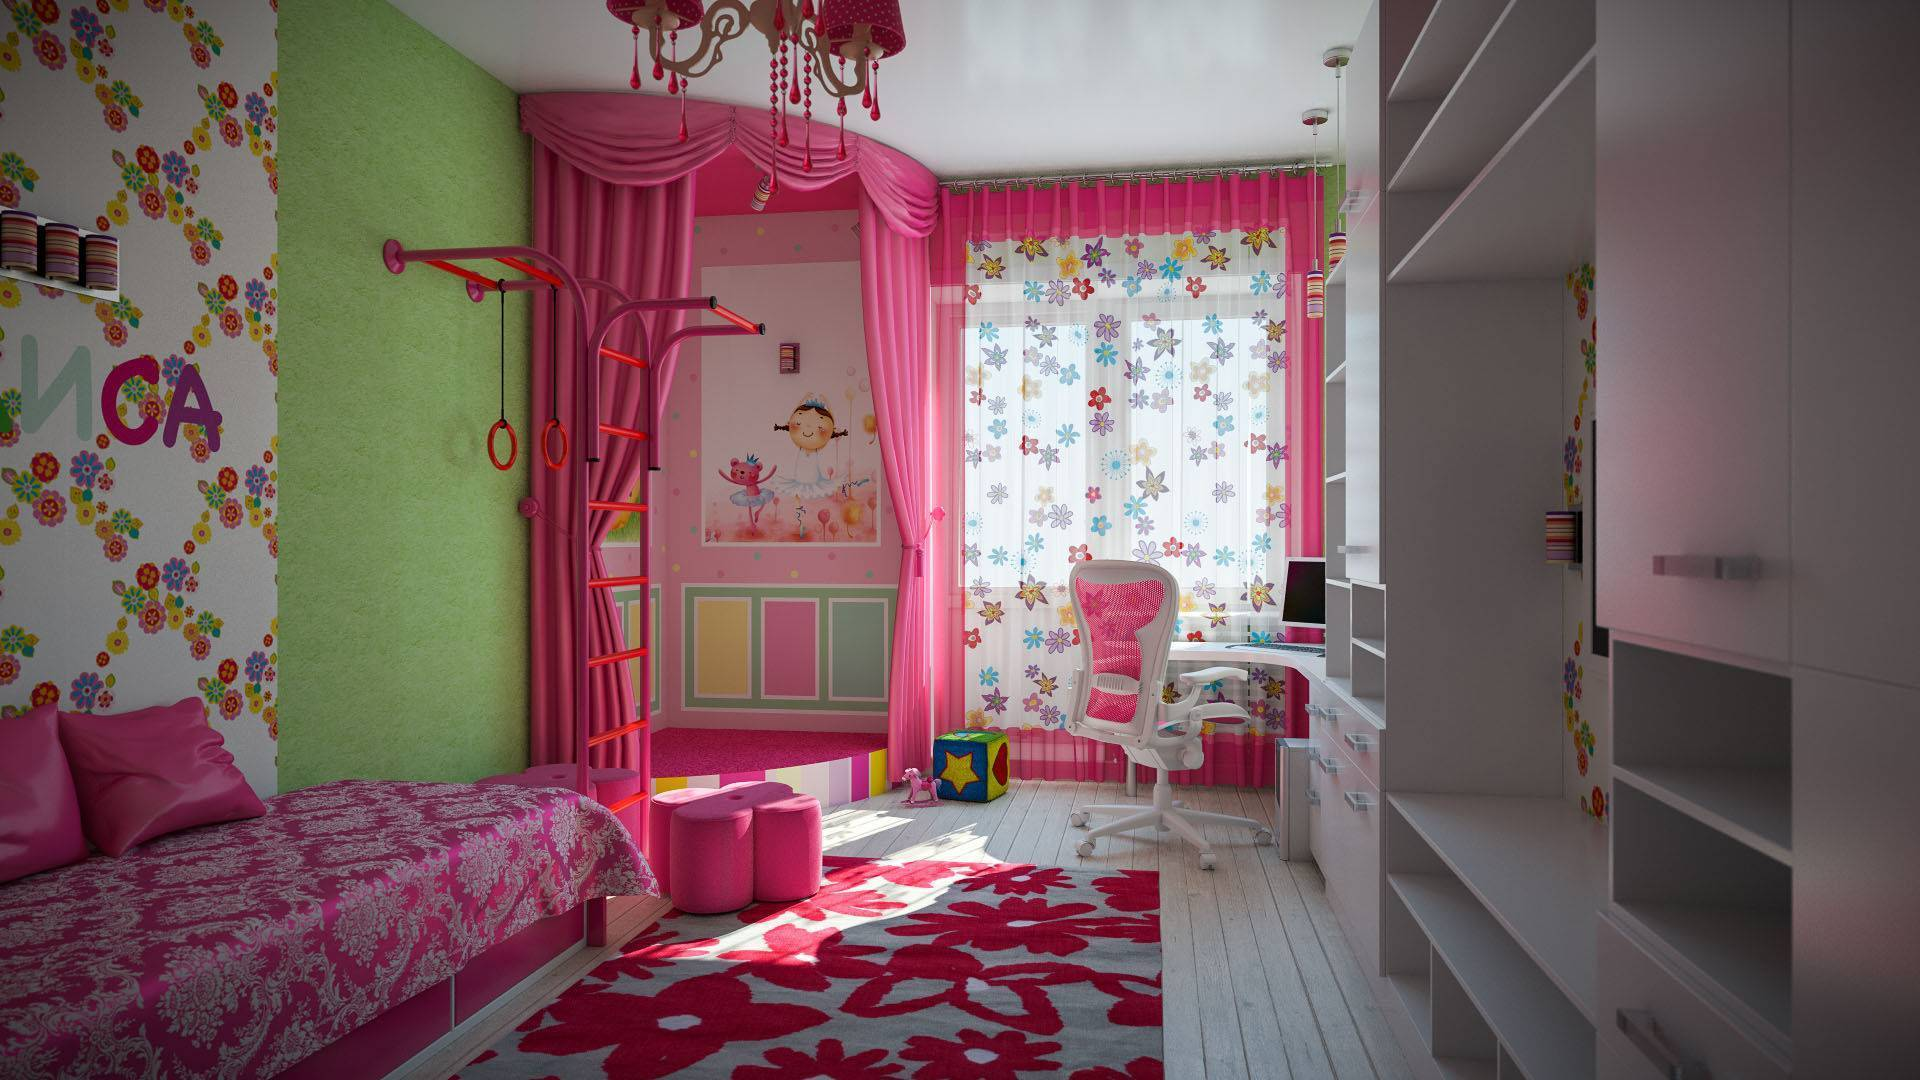 Обои для детской комнаты комбинированные, рекомендации